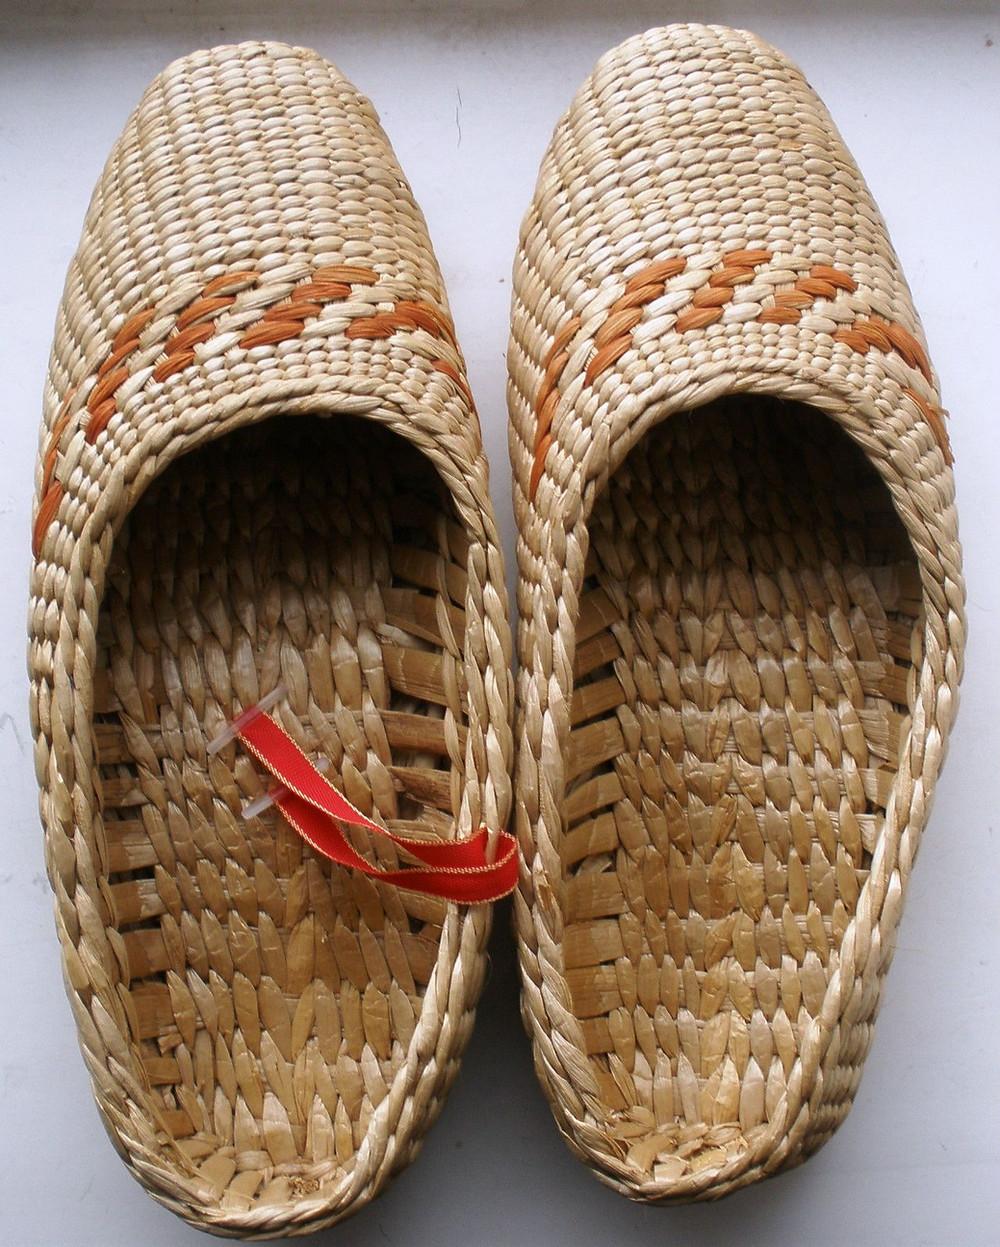 lapti, chausses, chaussures, sandales, espadrilles, sandales